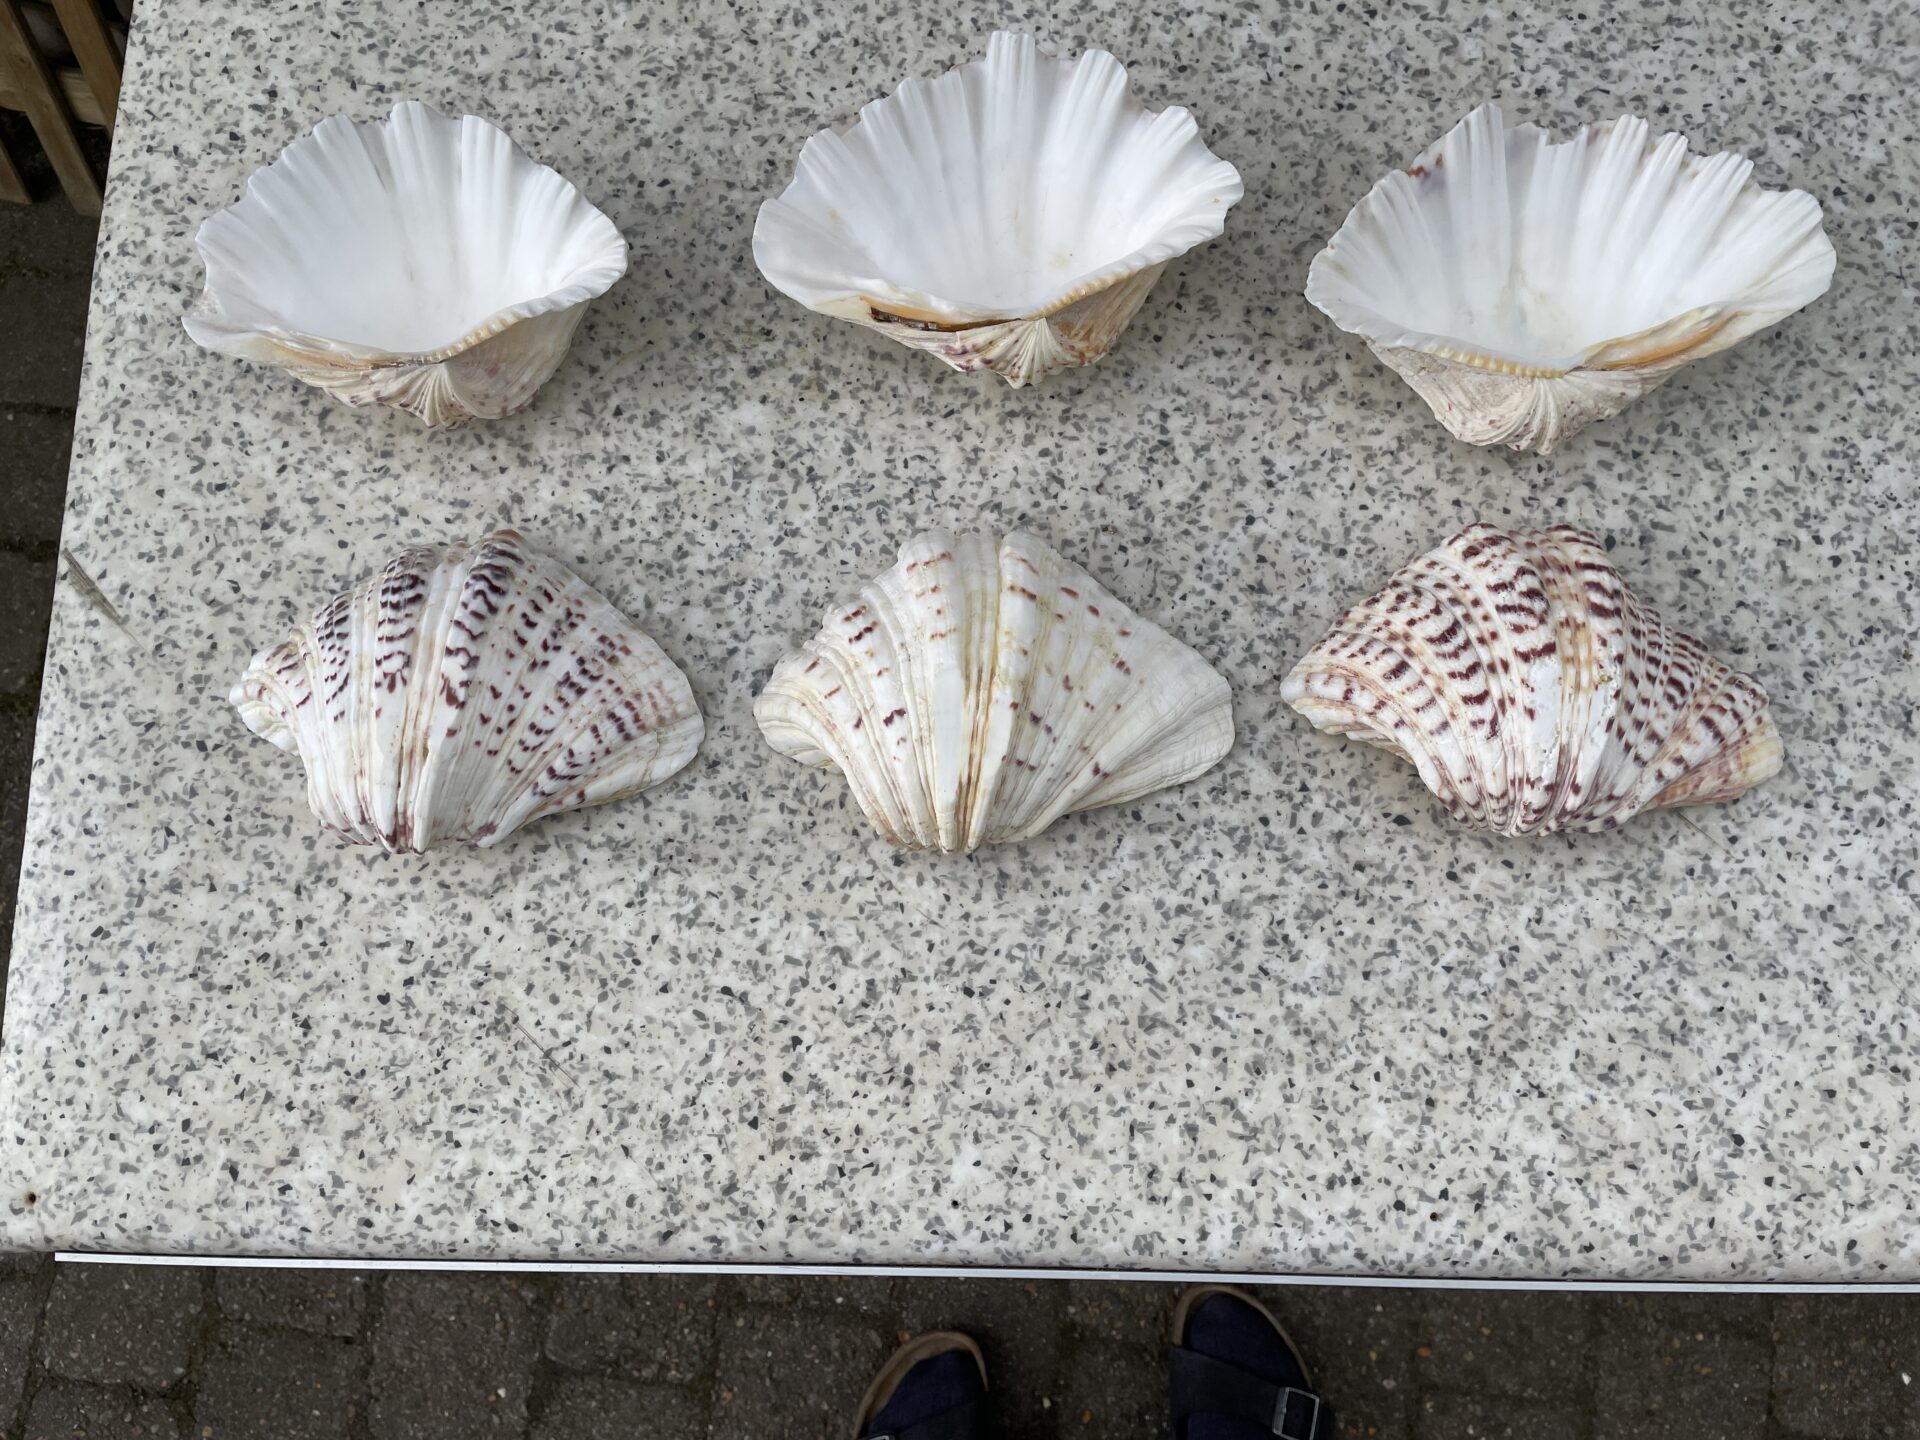 Store skaller fra en art Stillehavs kammuslinger, l= ca 20 cm, senest anvendt til rejecocktails.